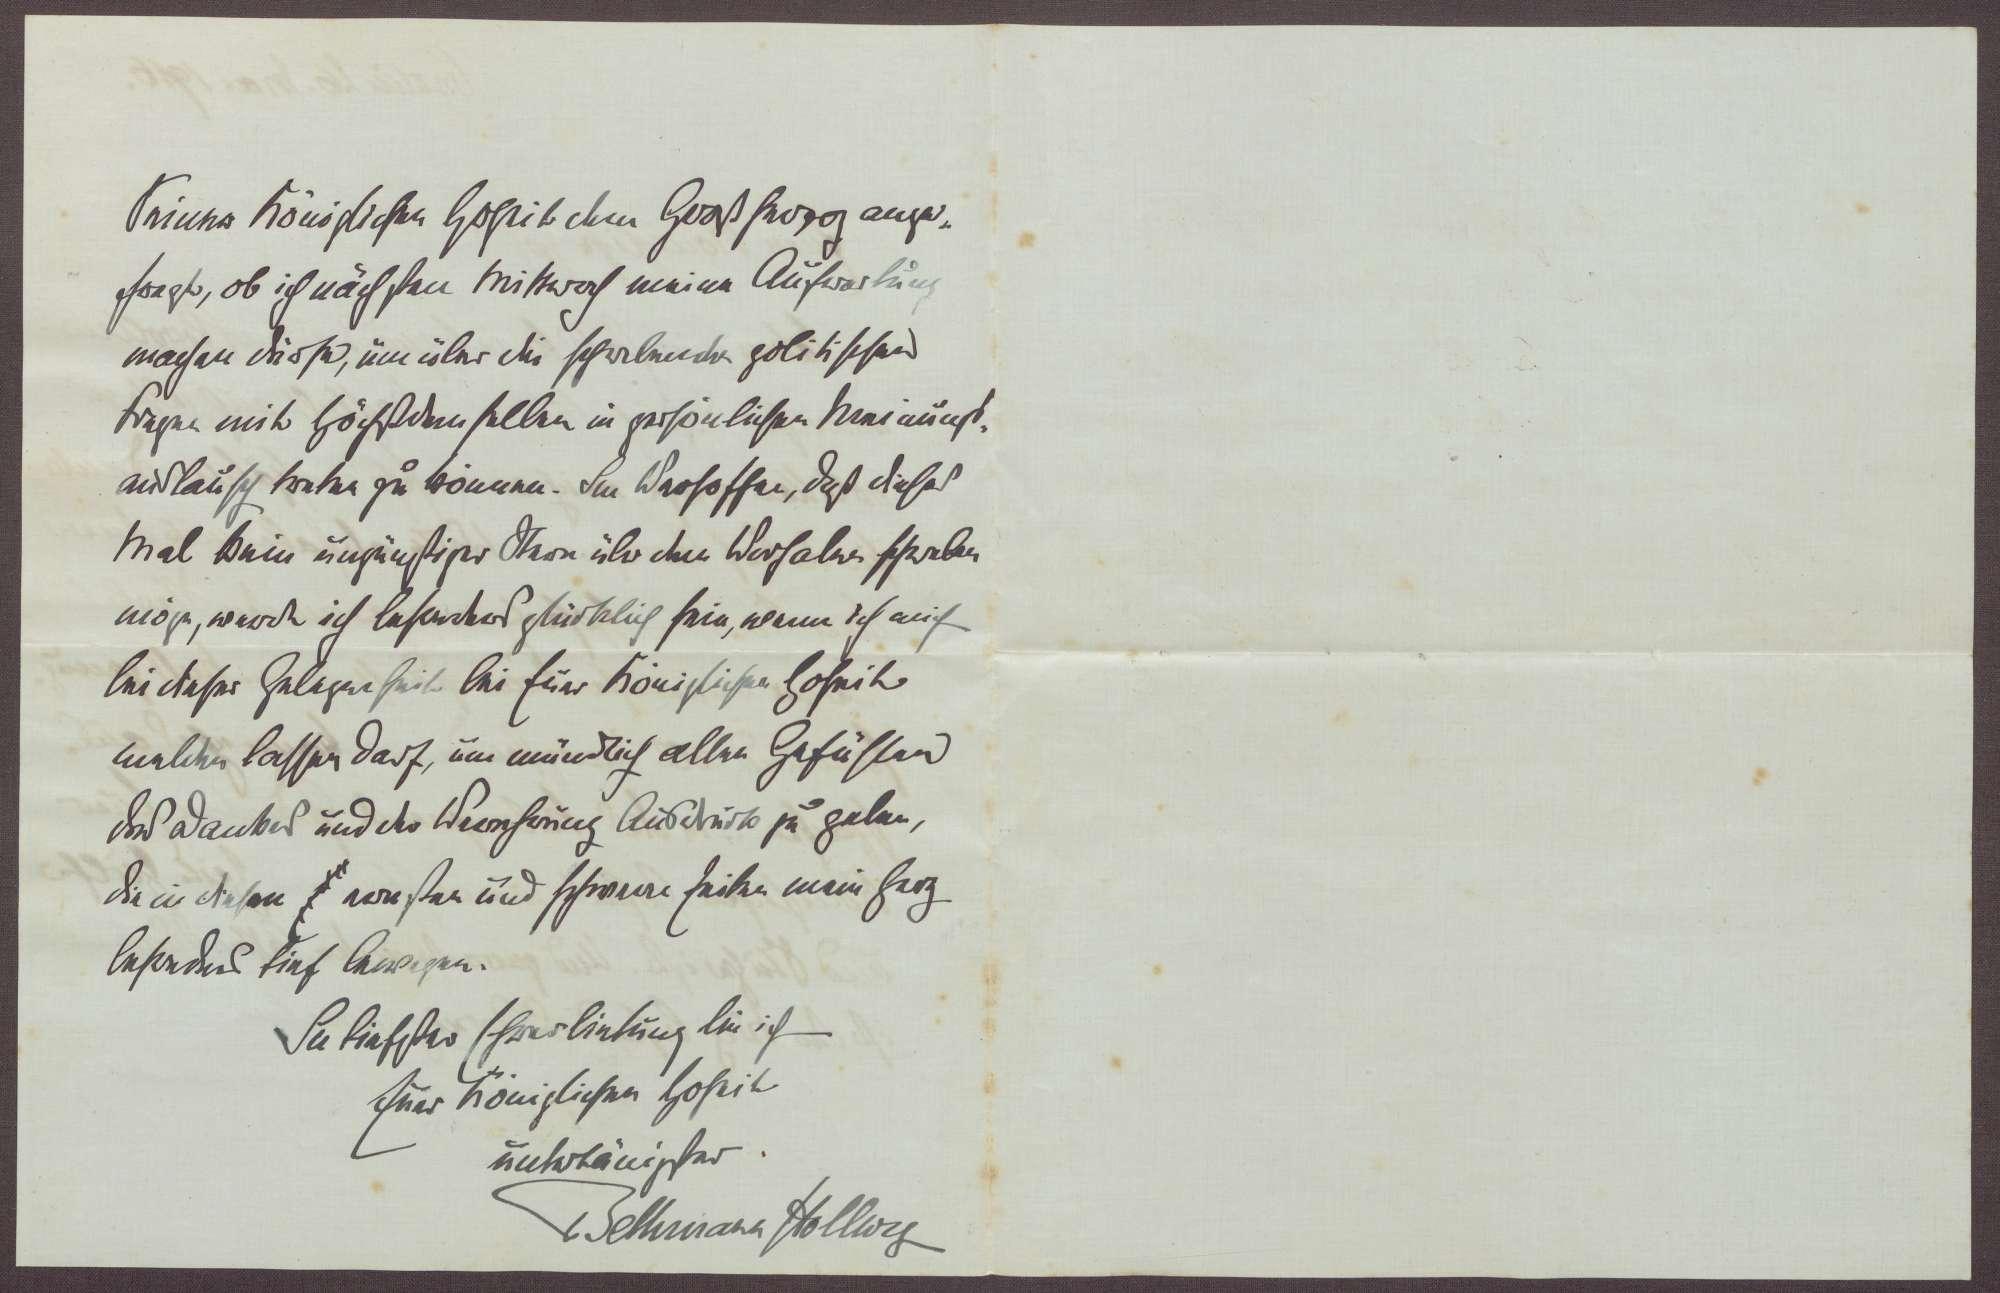 Schreiben von Theobald von Bethmann Hollweg an die Großherzogin Luise; Dank für die Anteilnahme am Todestag der Ehefrau; Anfrage nach einer Unterredung mit dem Großherzog Friedrich II. über die politische Lage, Bild 2